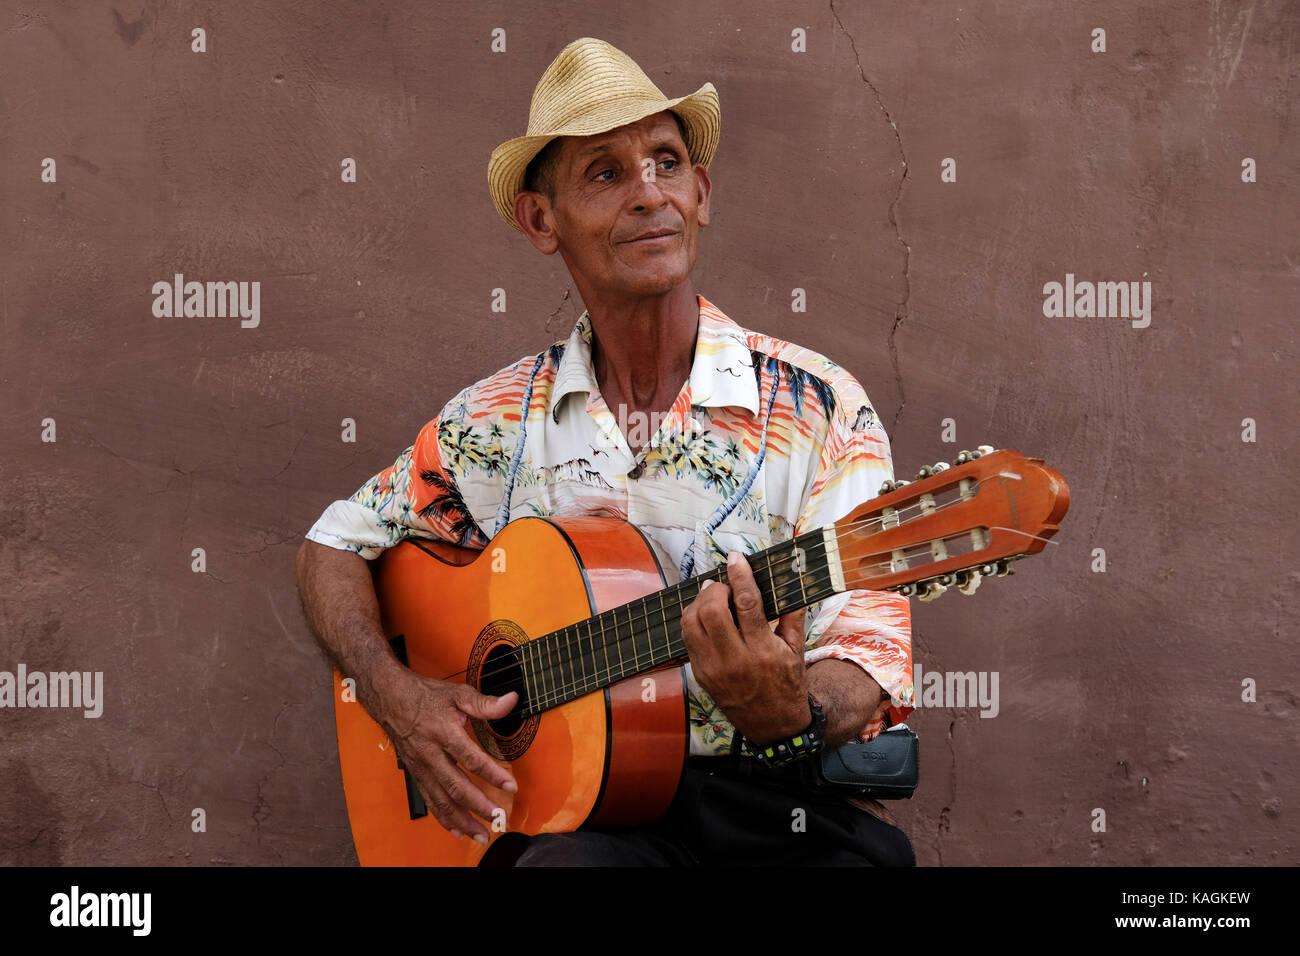 Un homme cubain joue sa guitare sur le côté d'une rue du centre-ville de Trinidad, Cuba. Banque D'Images